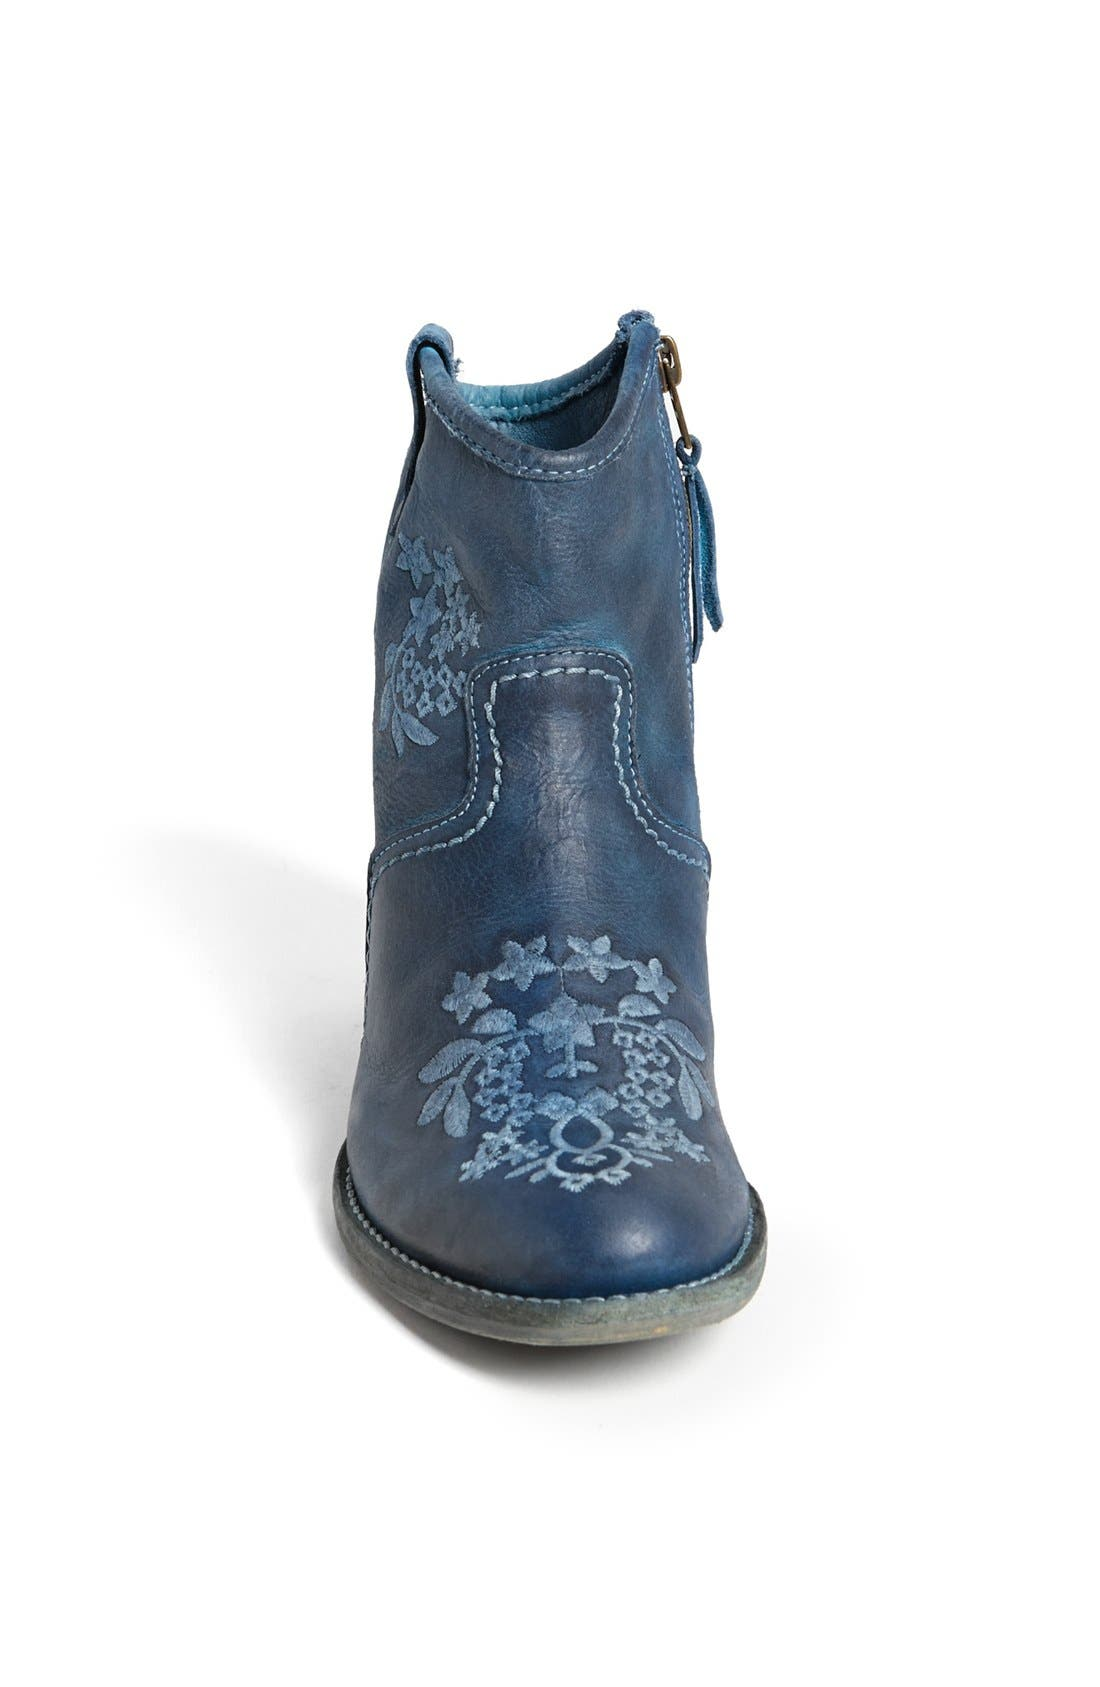 Alternate Image 3  - Miz Mooz 'Leandra' Embroidered Leather Bootie